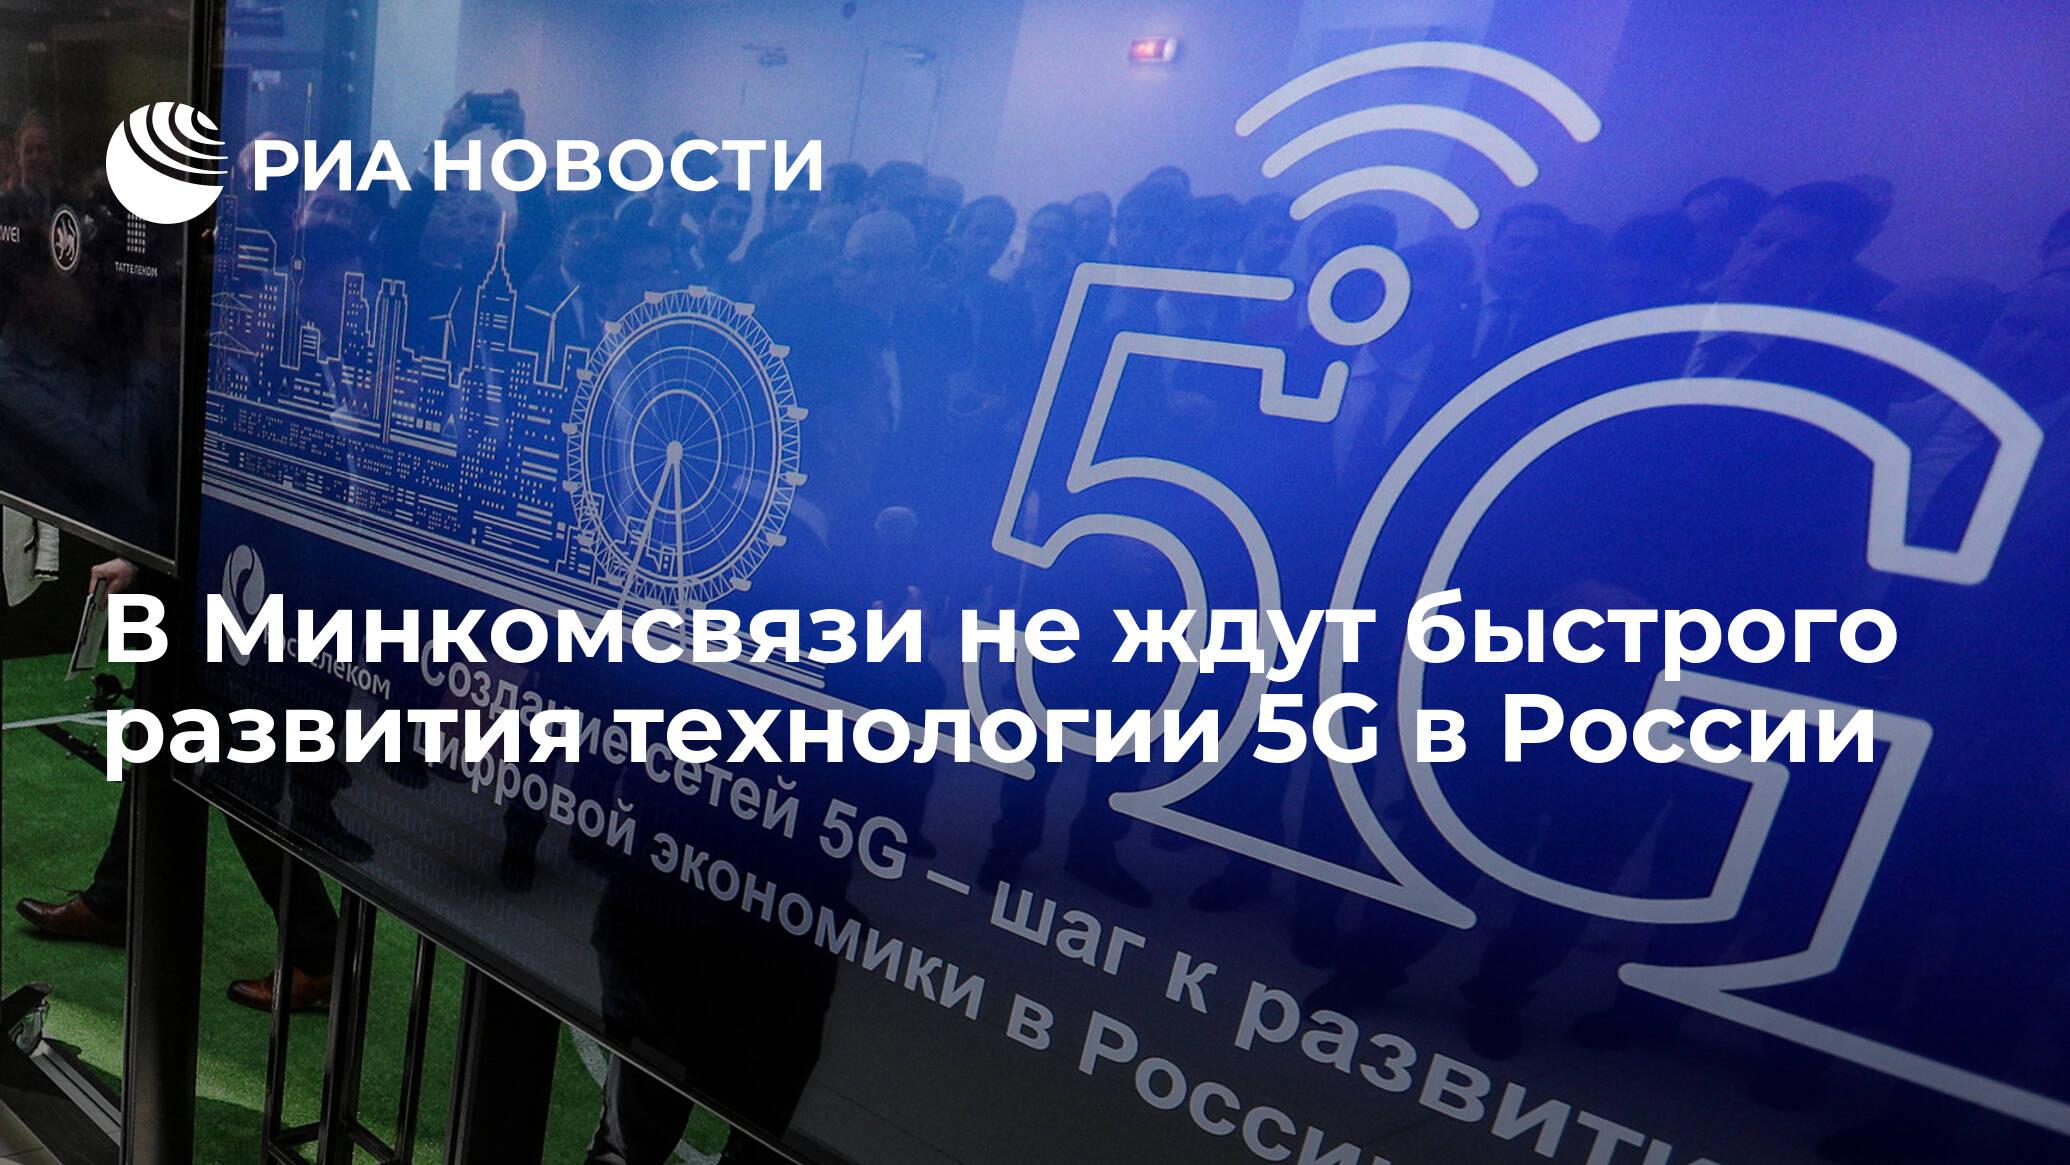 В Минкомсвязи не ждут быстрого развития технологии 5G в России